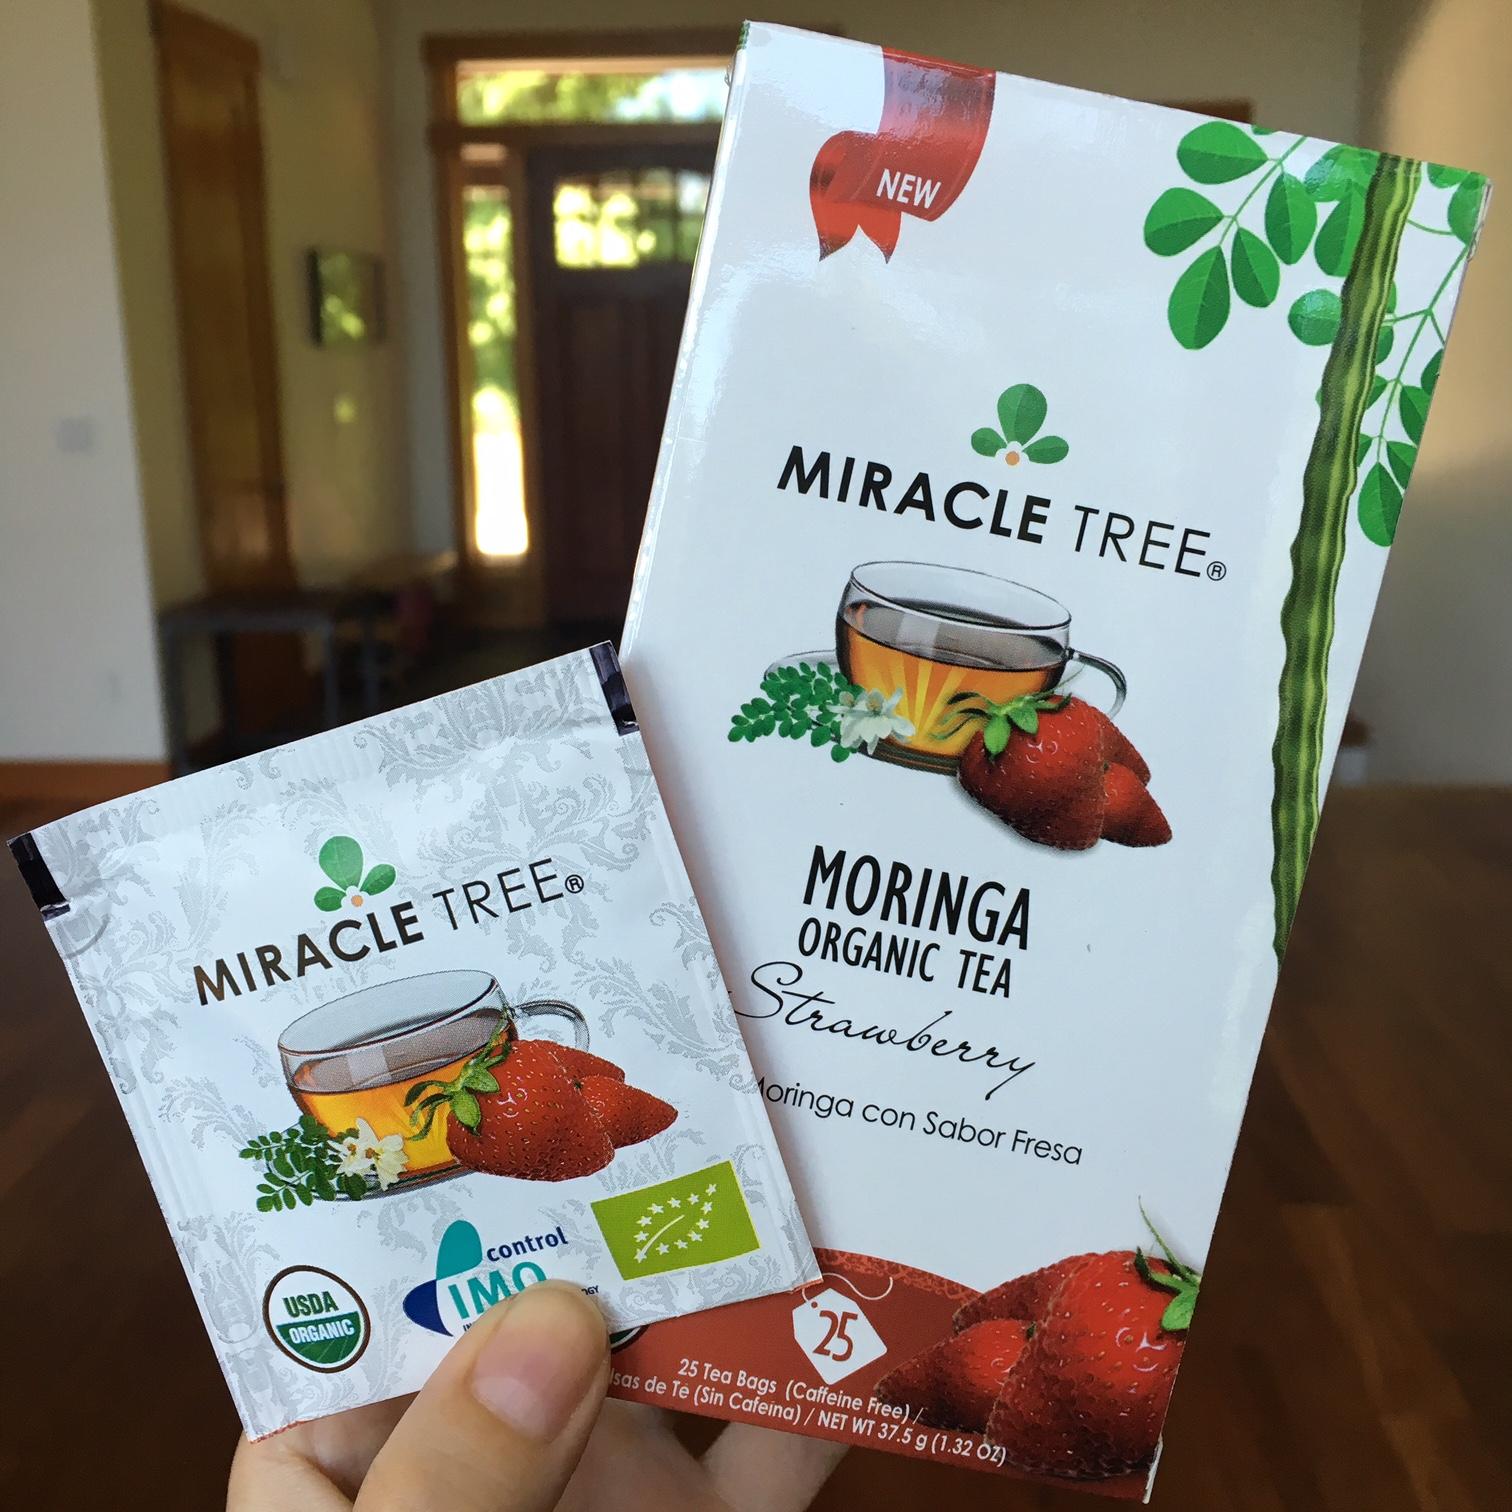 Miracle Tree Moringa Strawberry Tea